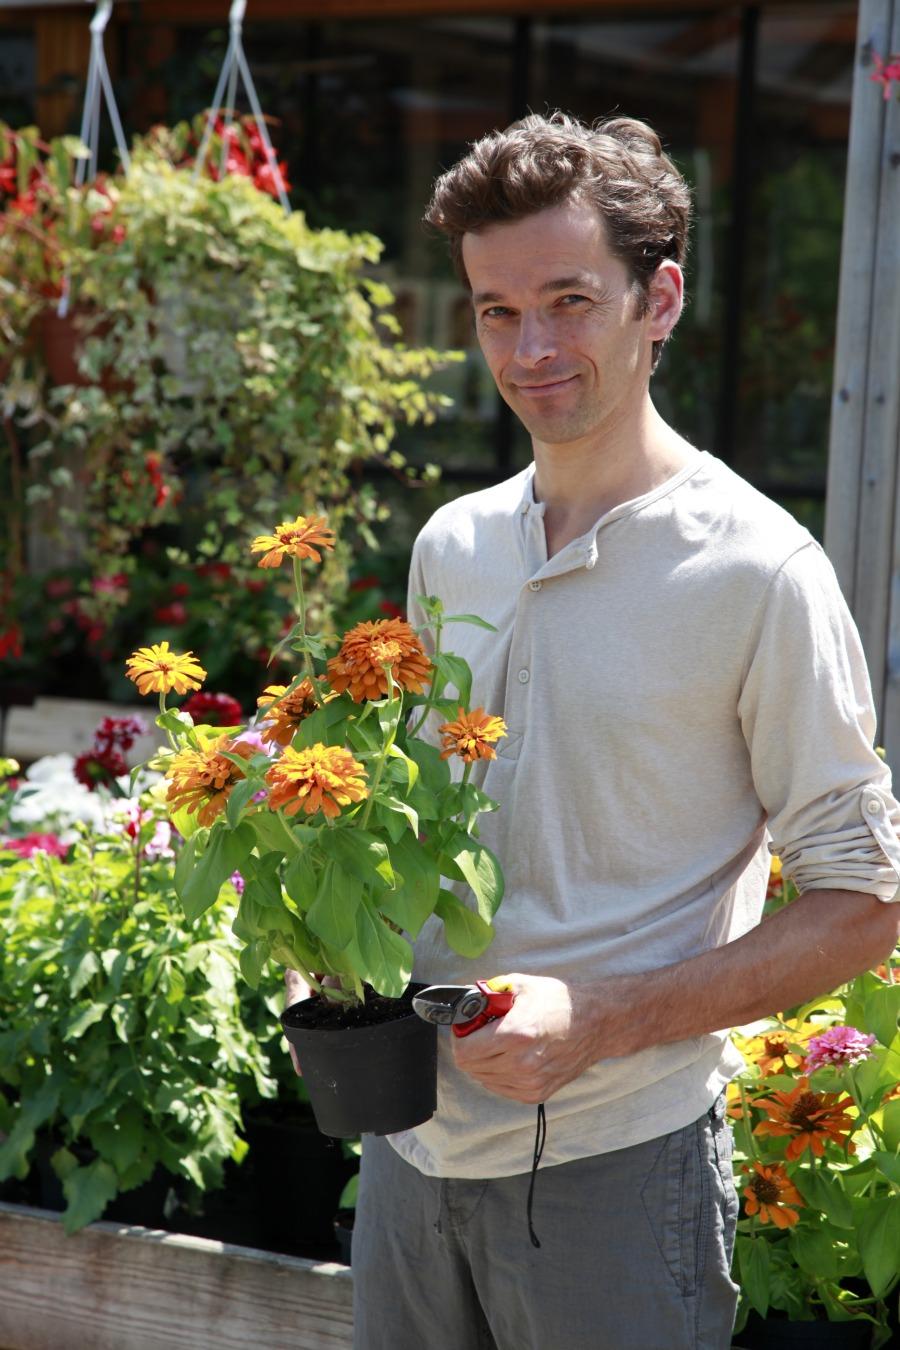 Giardinieri in affitto come mantenere il giardino in - Giardinieri in affitto consigli ...